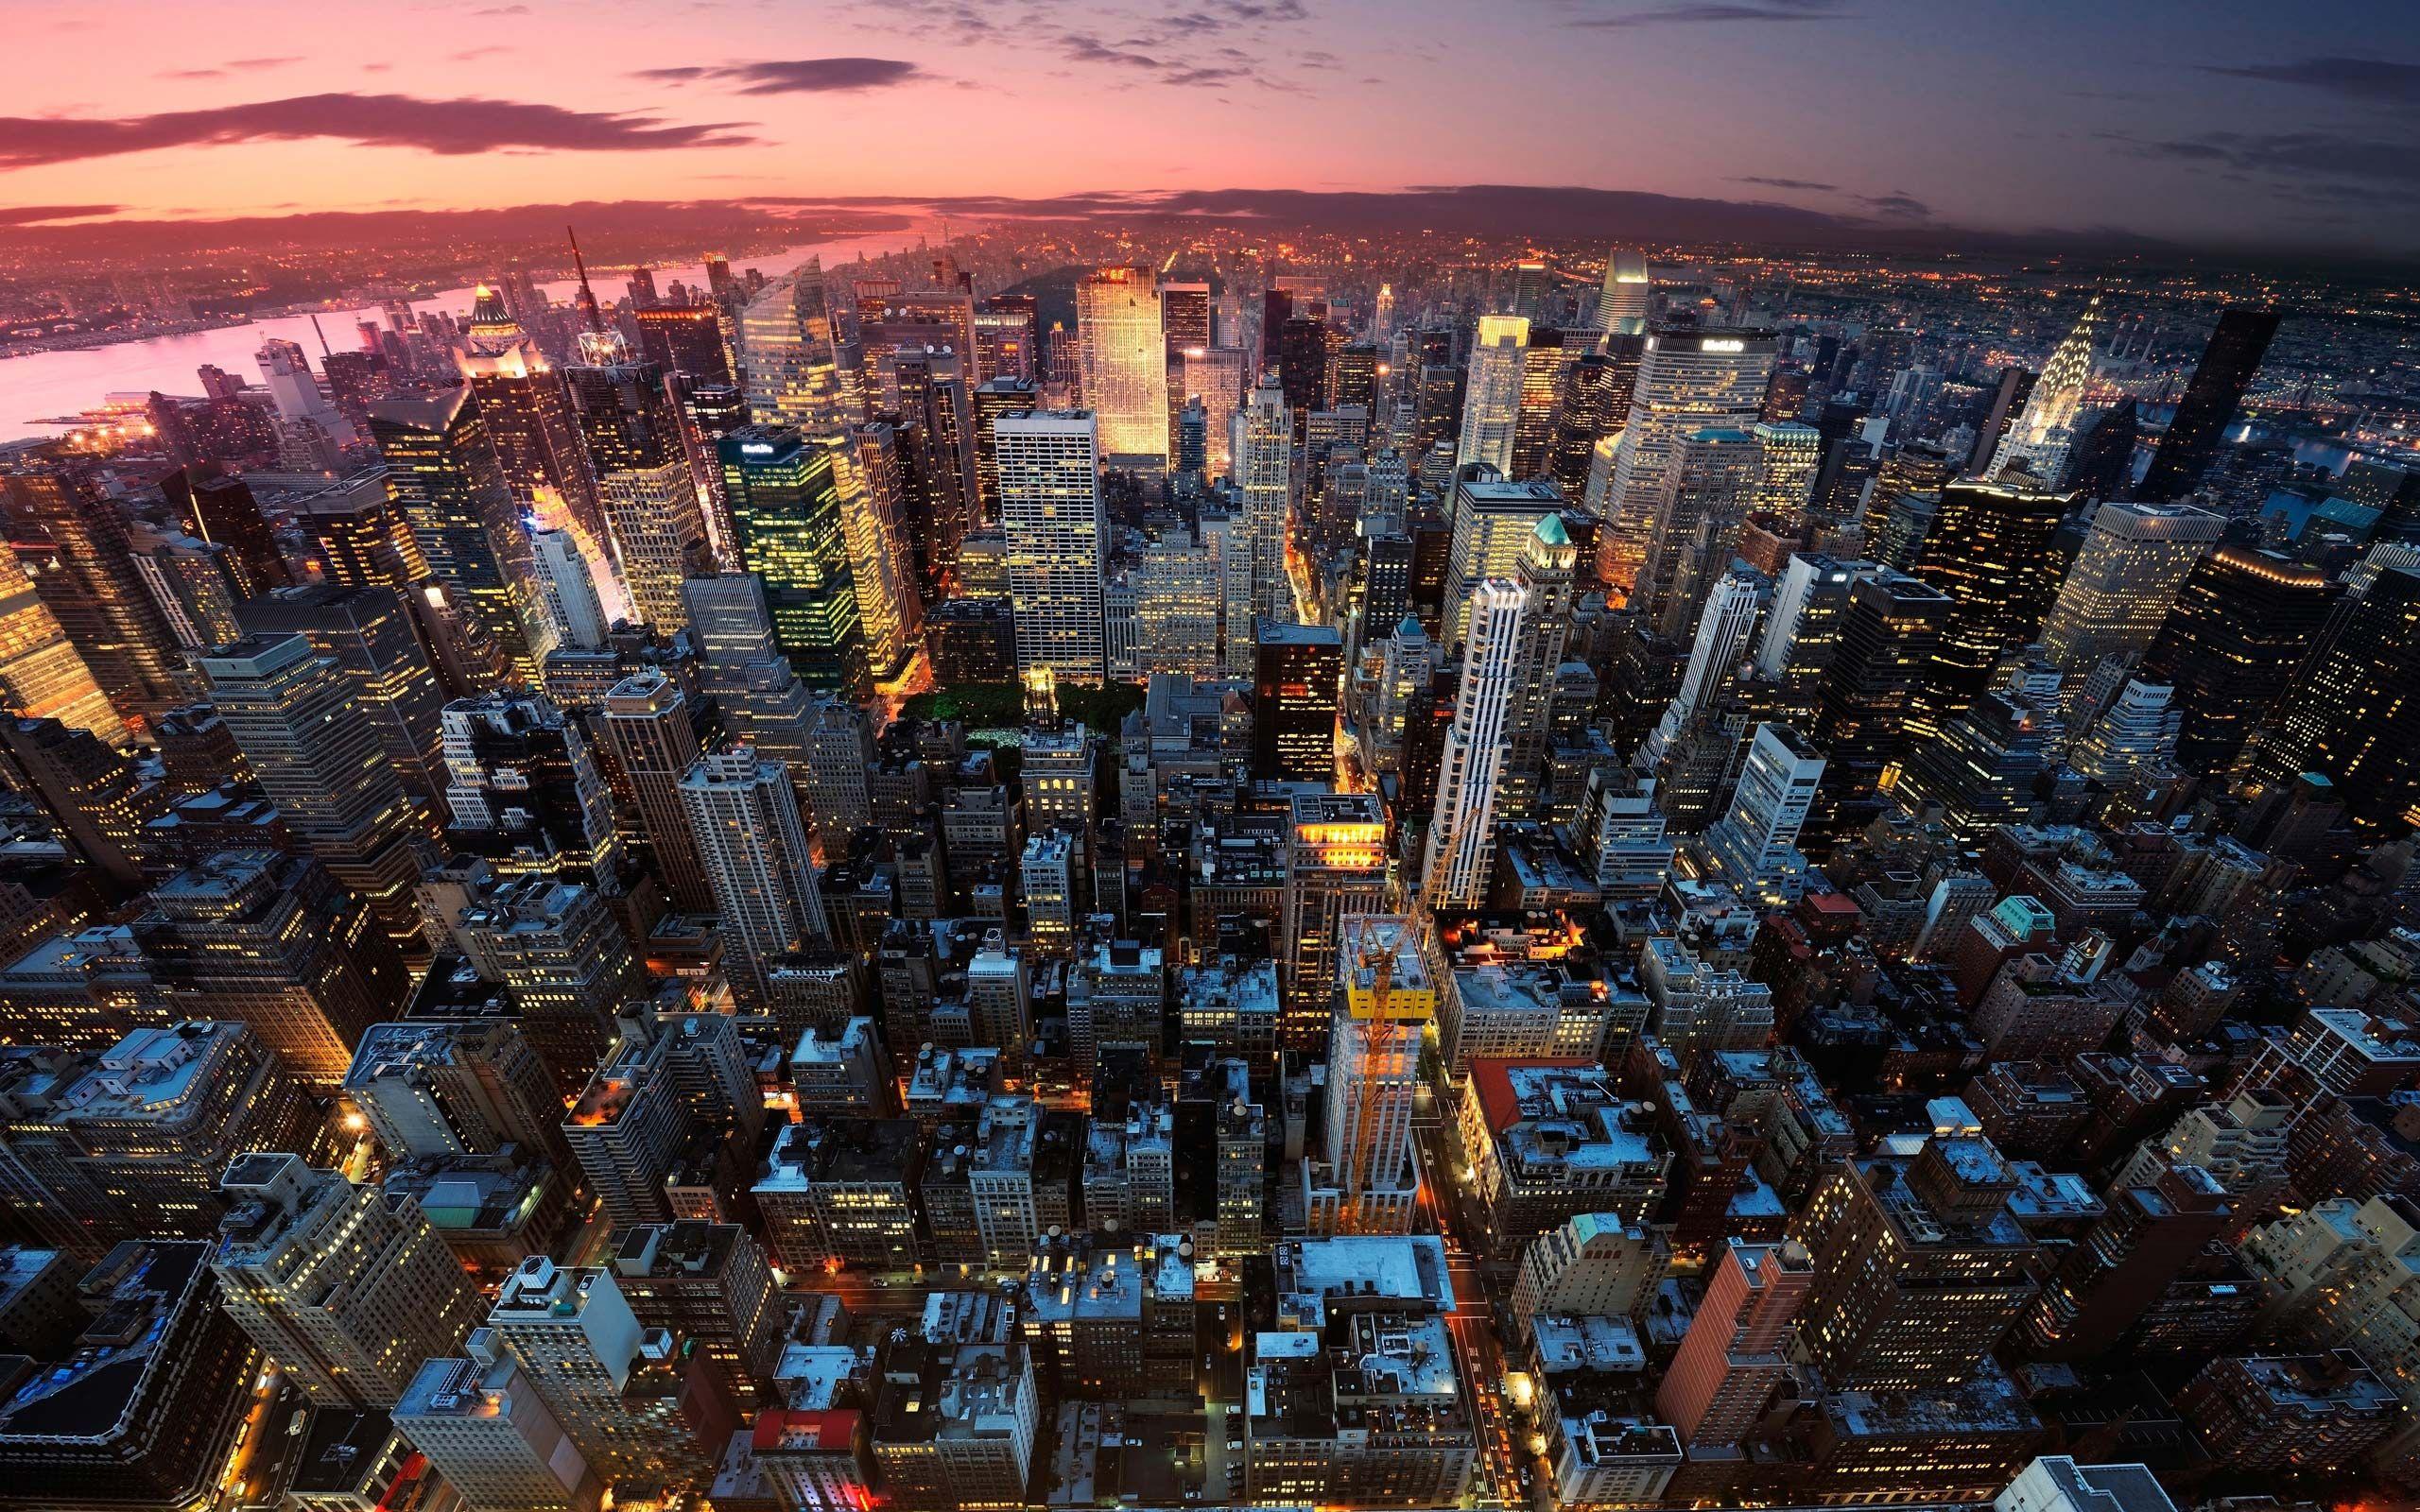 New York Wallpaper 4K Wallpapers Pinterest York, New